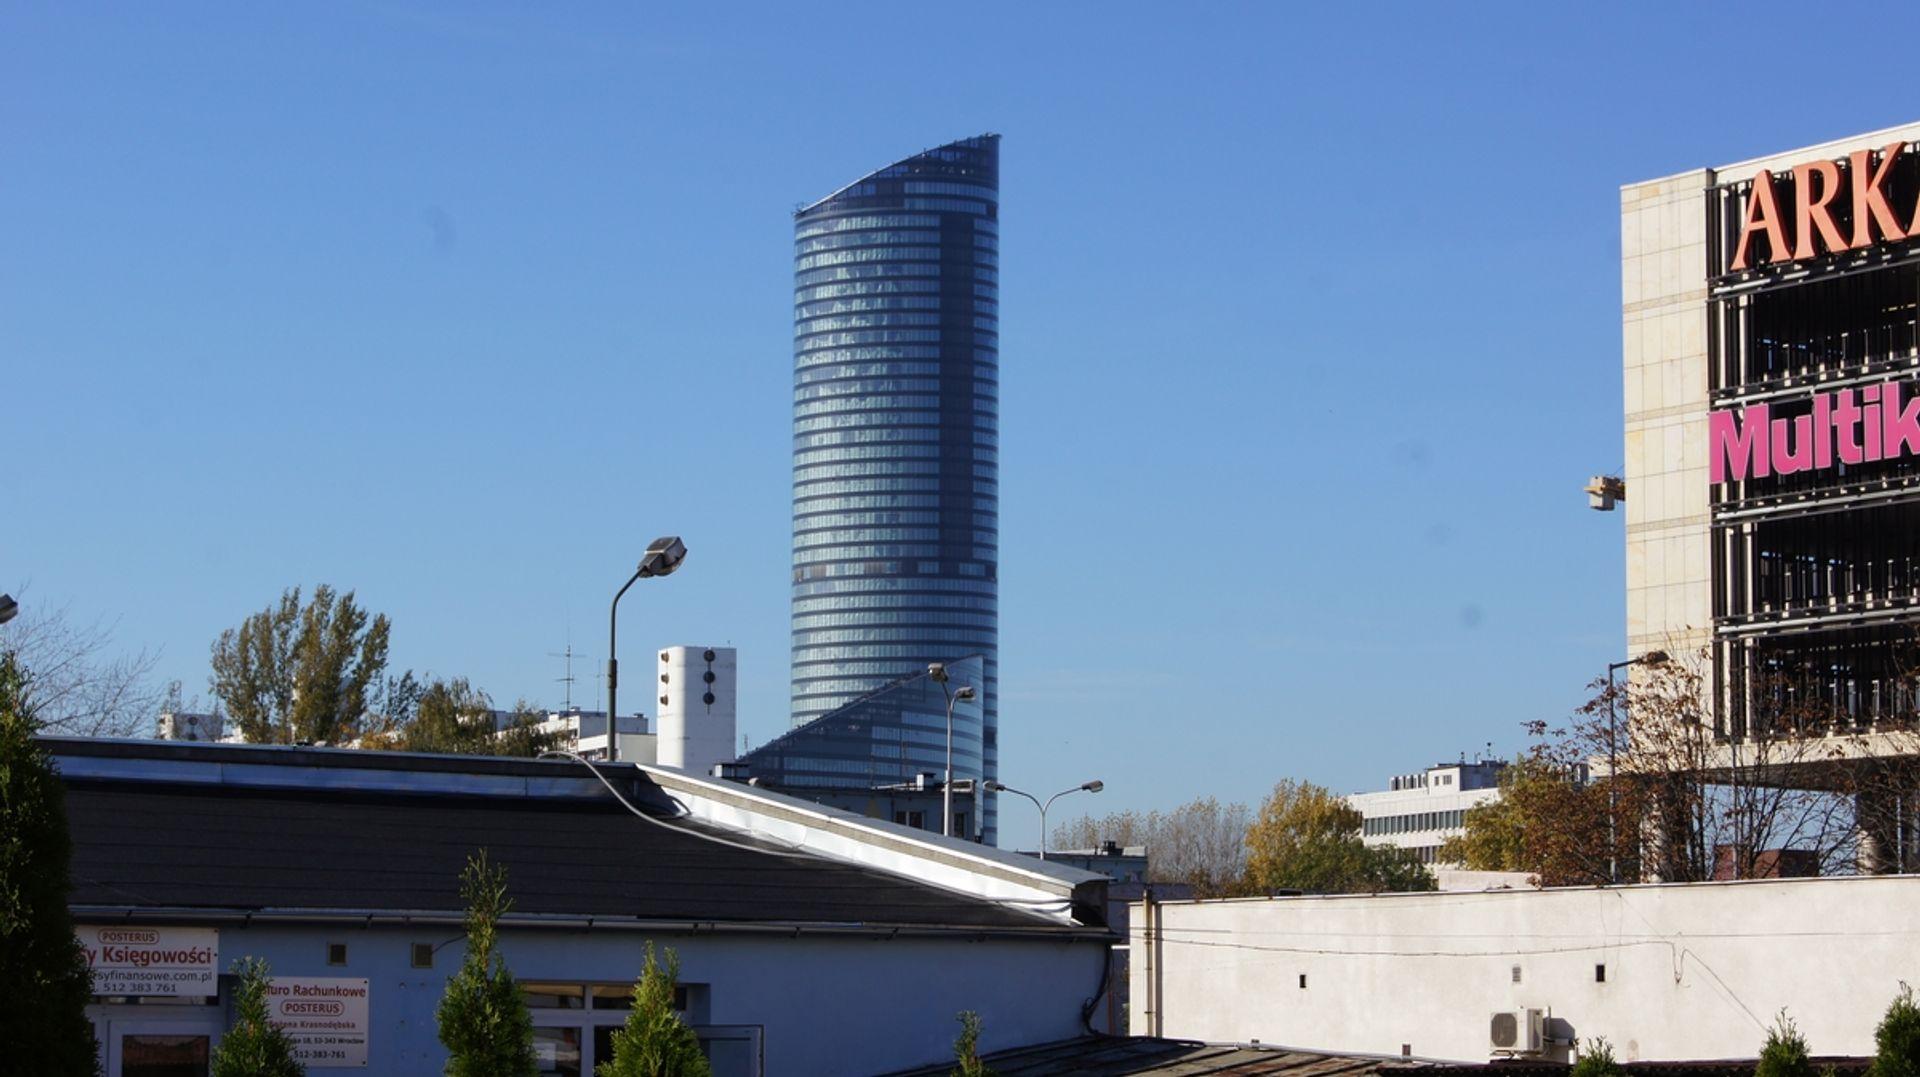 [Wrocław] Sky Tower – nowa stacja Wrocławskiego Roweru Miejskiego przy najwyższym budynku w Polsce